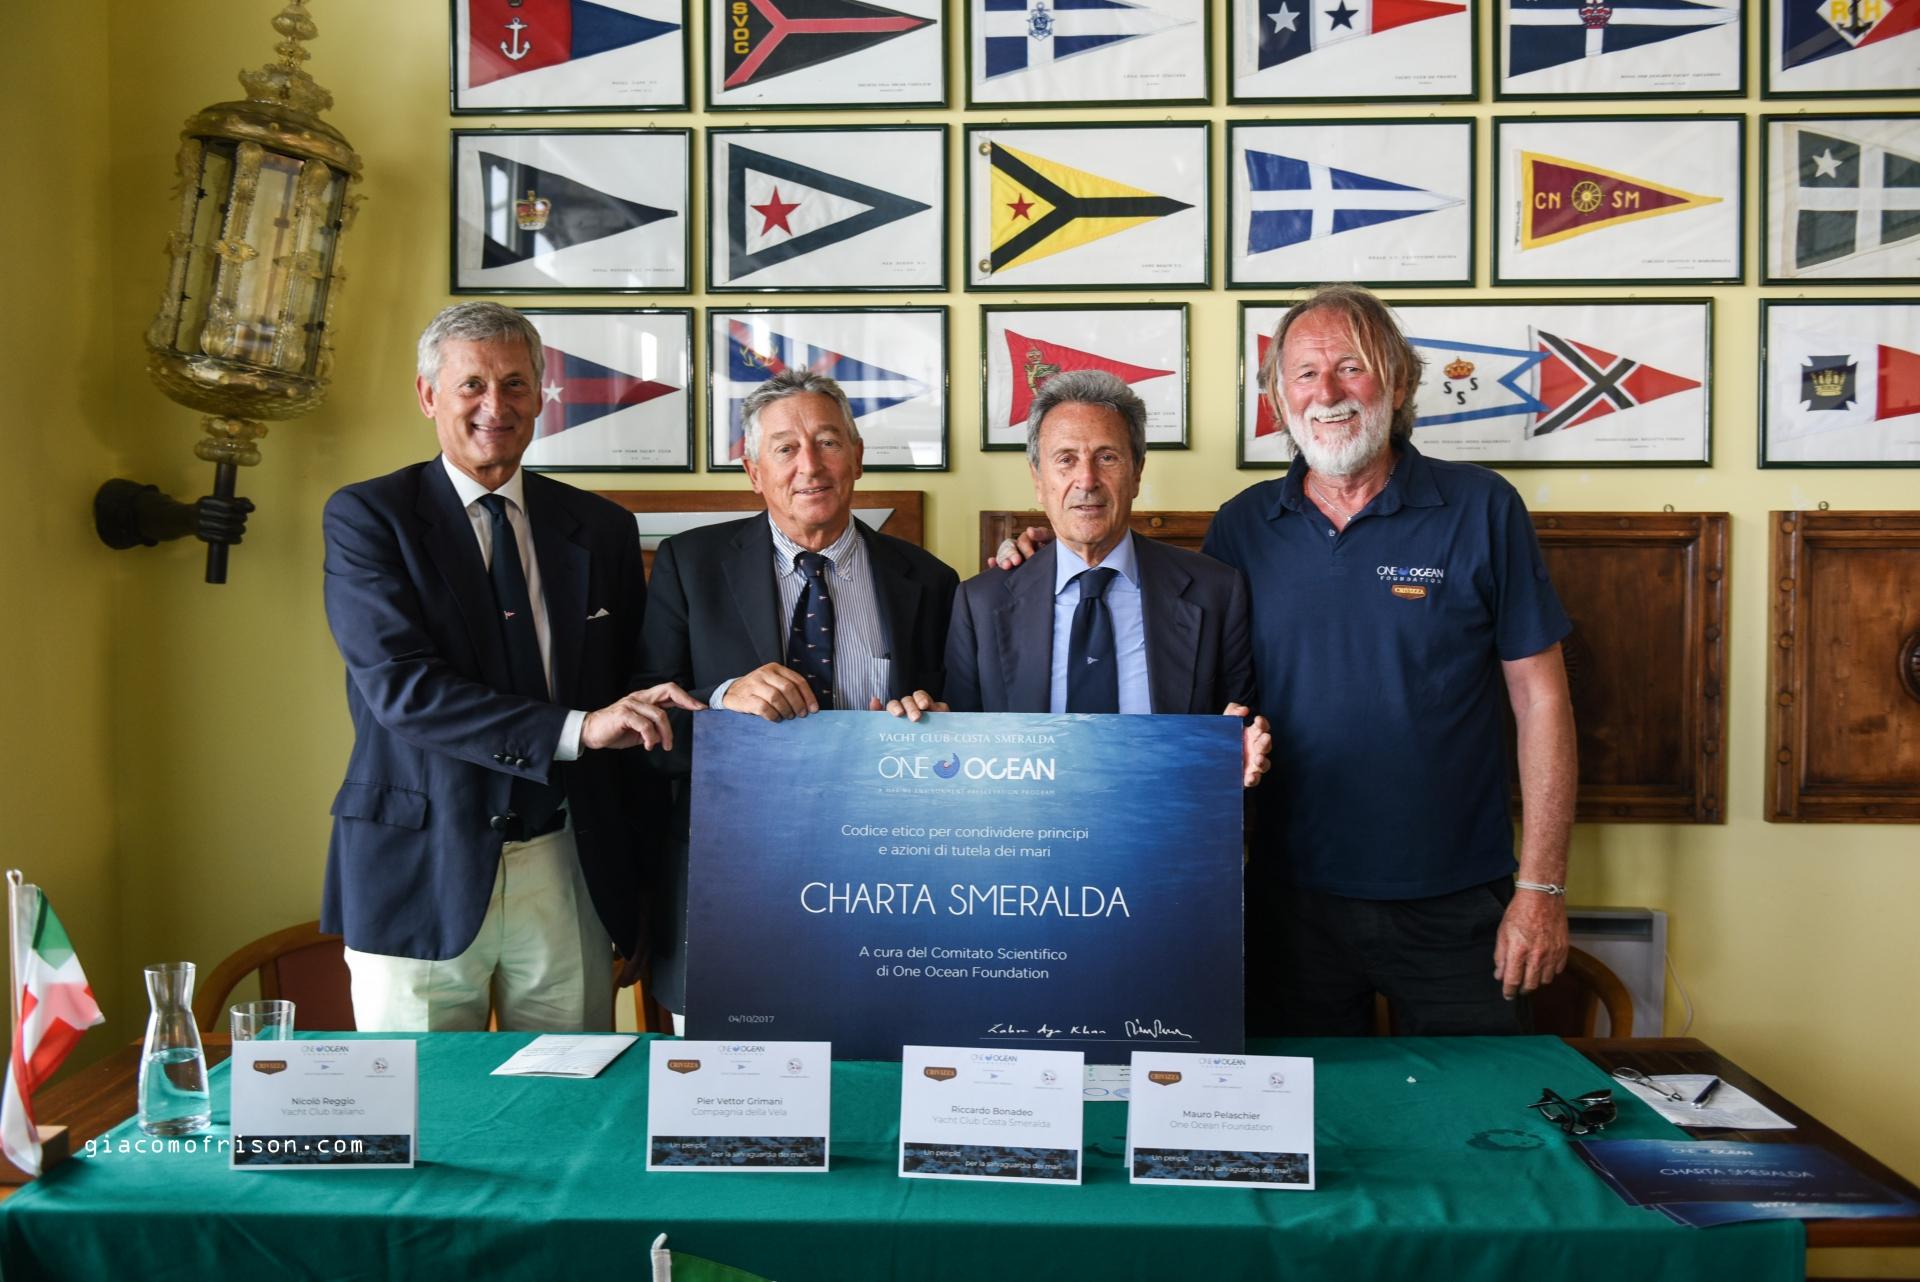 Il presidente della Federvela accoglie Mauro Pelaschier, ambasciatore della One Ocean Foundation - NEWS - Yacht Club Costa Smeralda